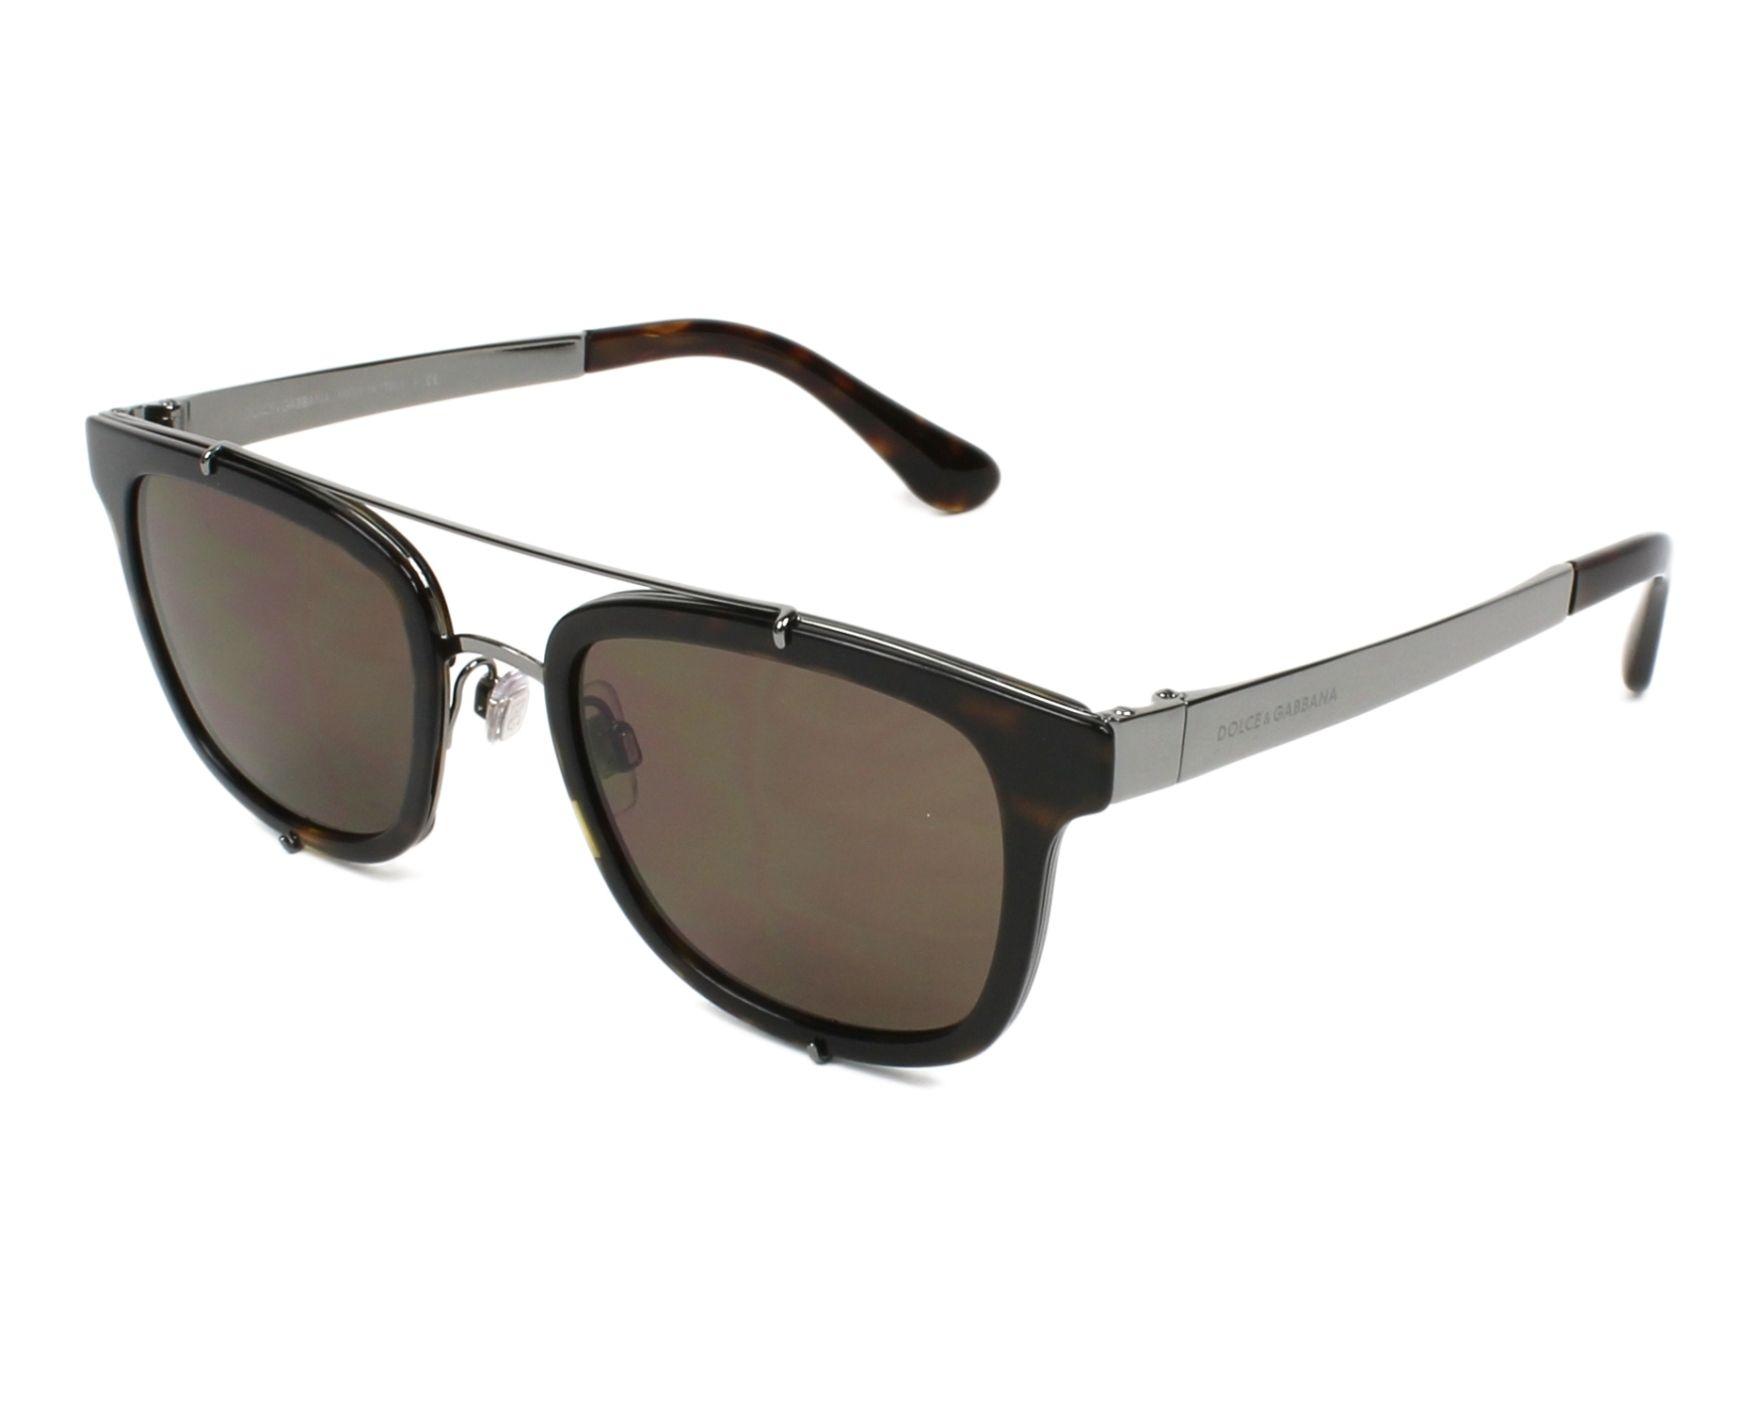 Dolce and Gabbana DG2175 Sonnenbrille Schwarz 501/87 51mm 0apyOm8JJ